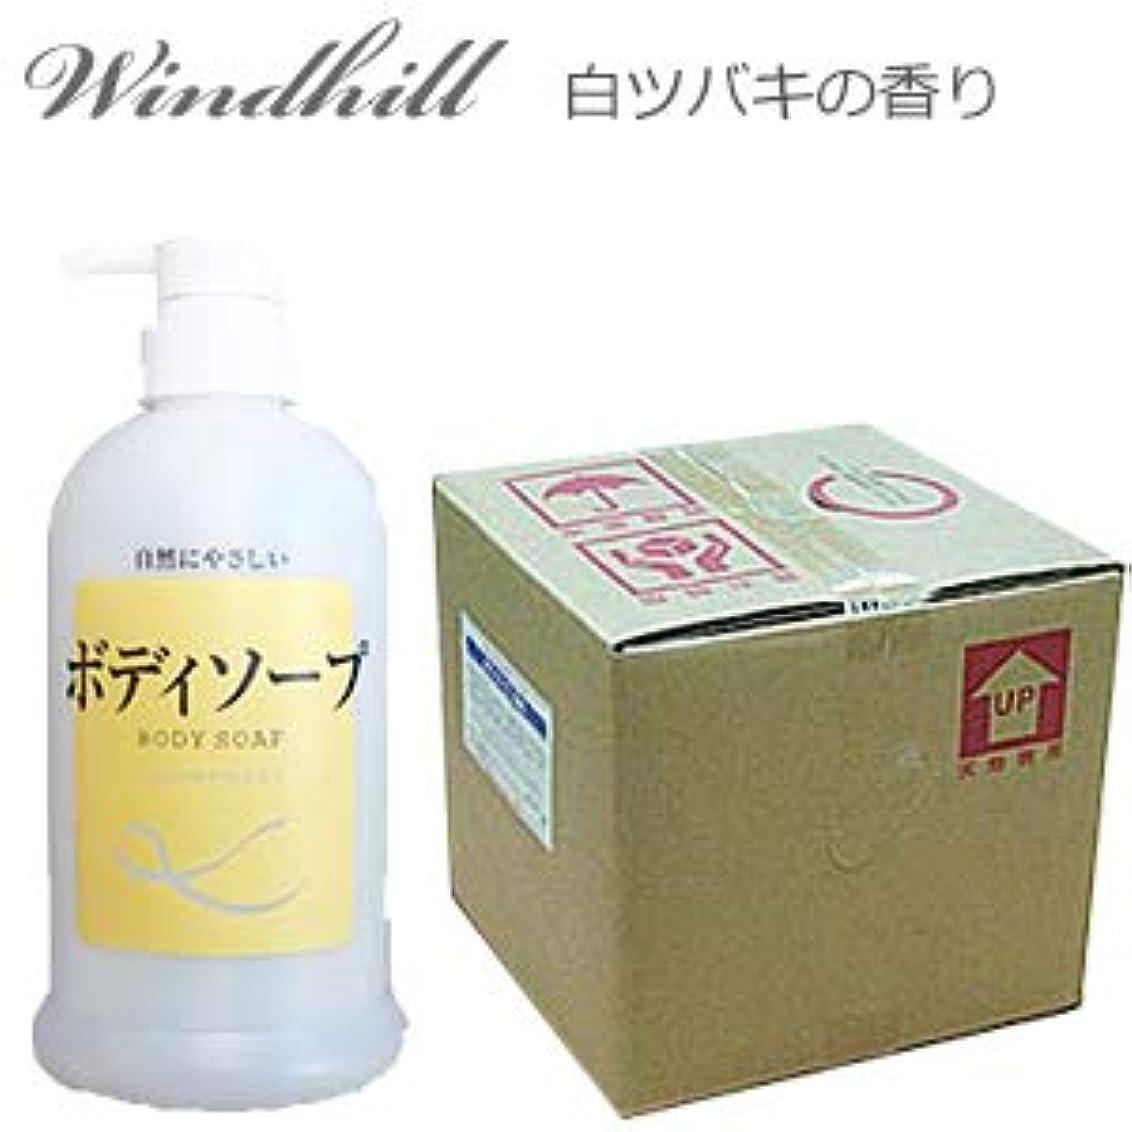 重量クロス赤道なんと! 500ml当り175円 Windhill 植物性 業務用 ボディソープ  白ツバキの香り 20L